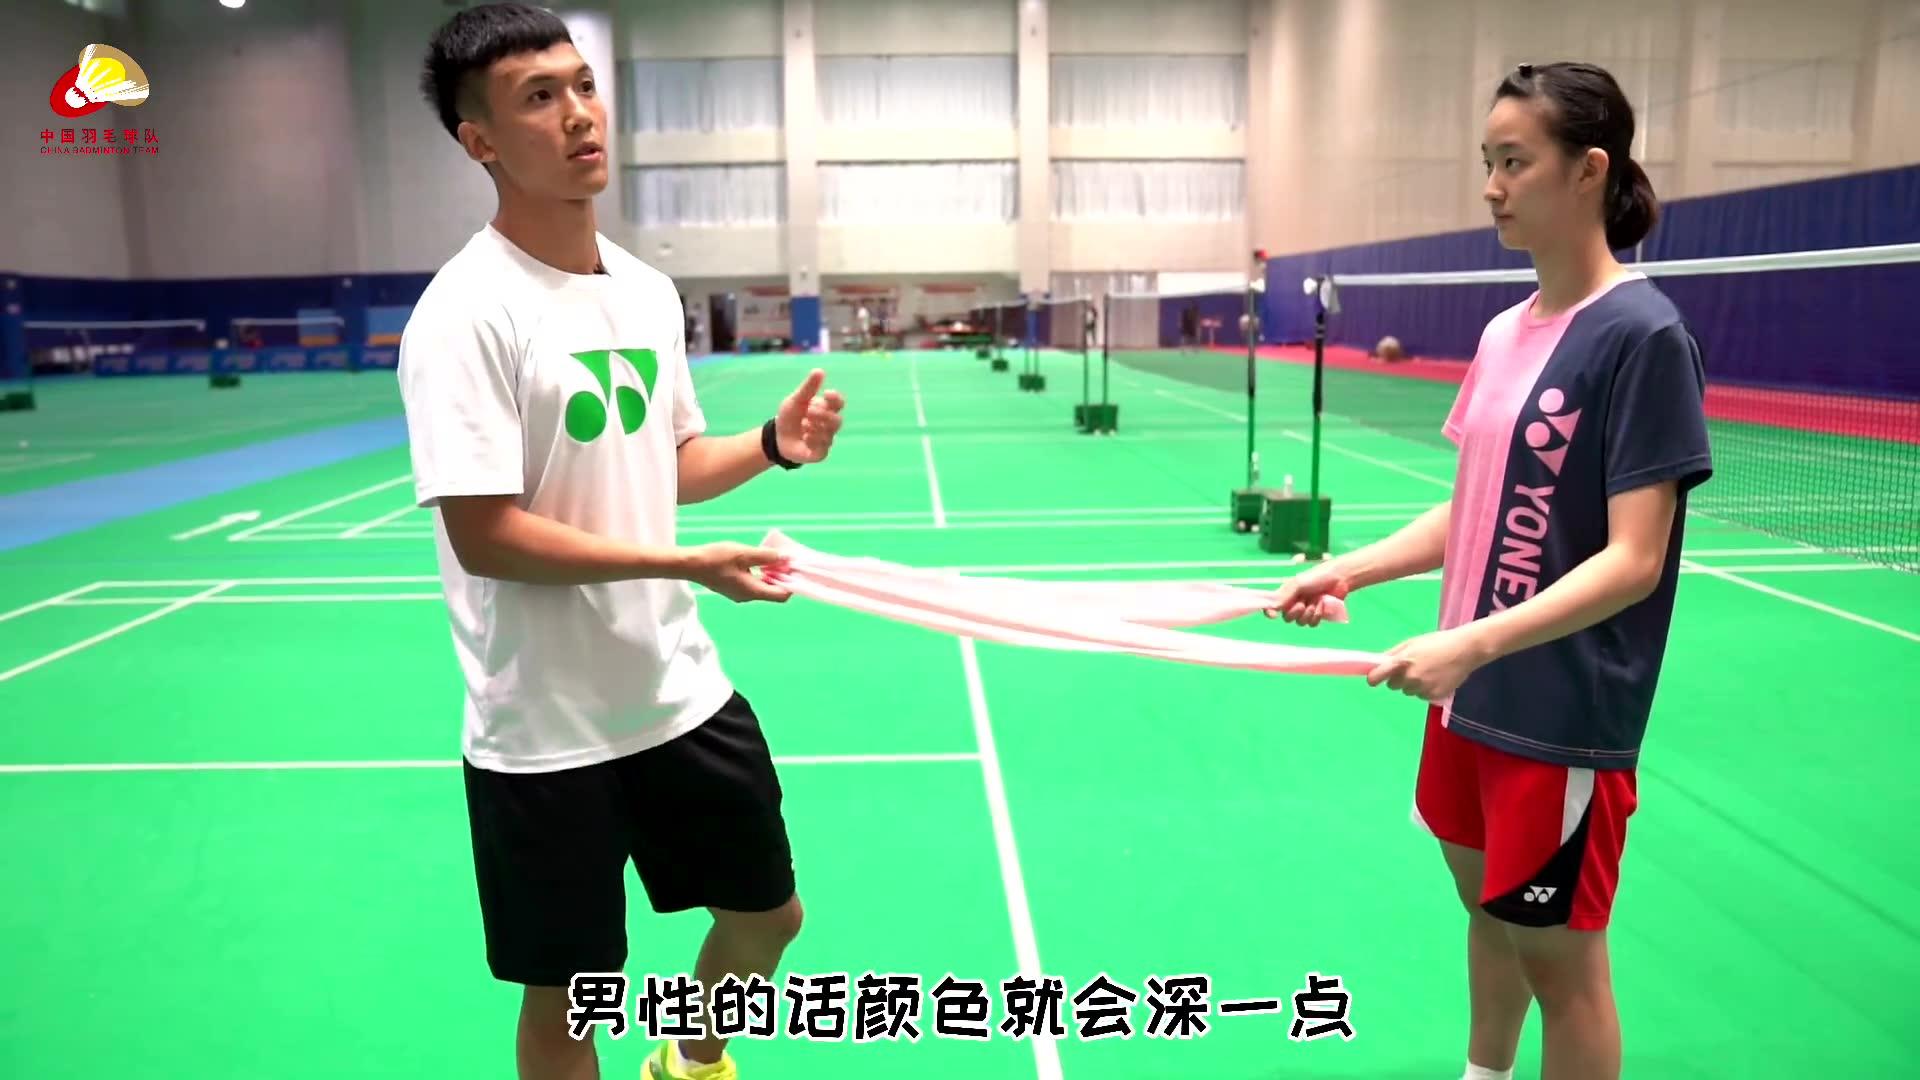 国羽小课堂丨打球后肌肉酸痛?体能教练教你正确放松